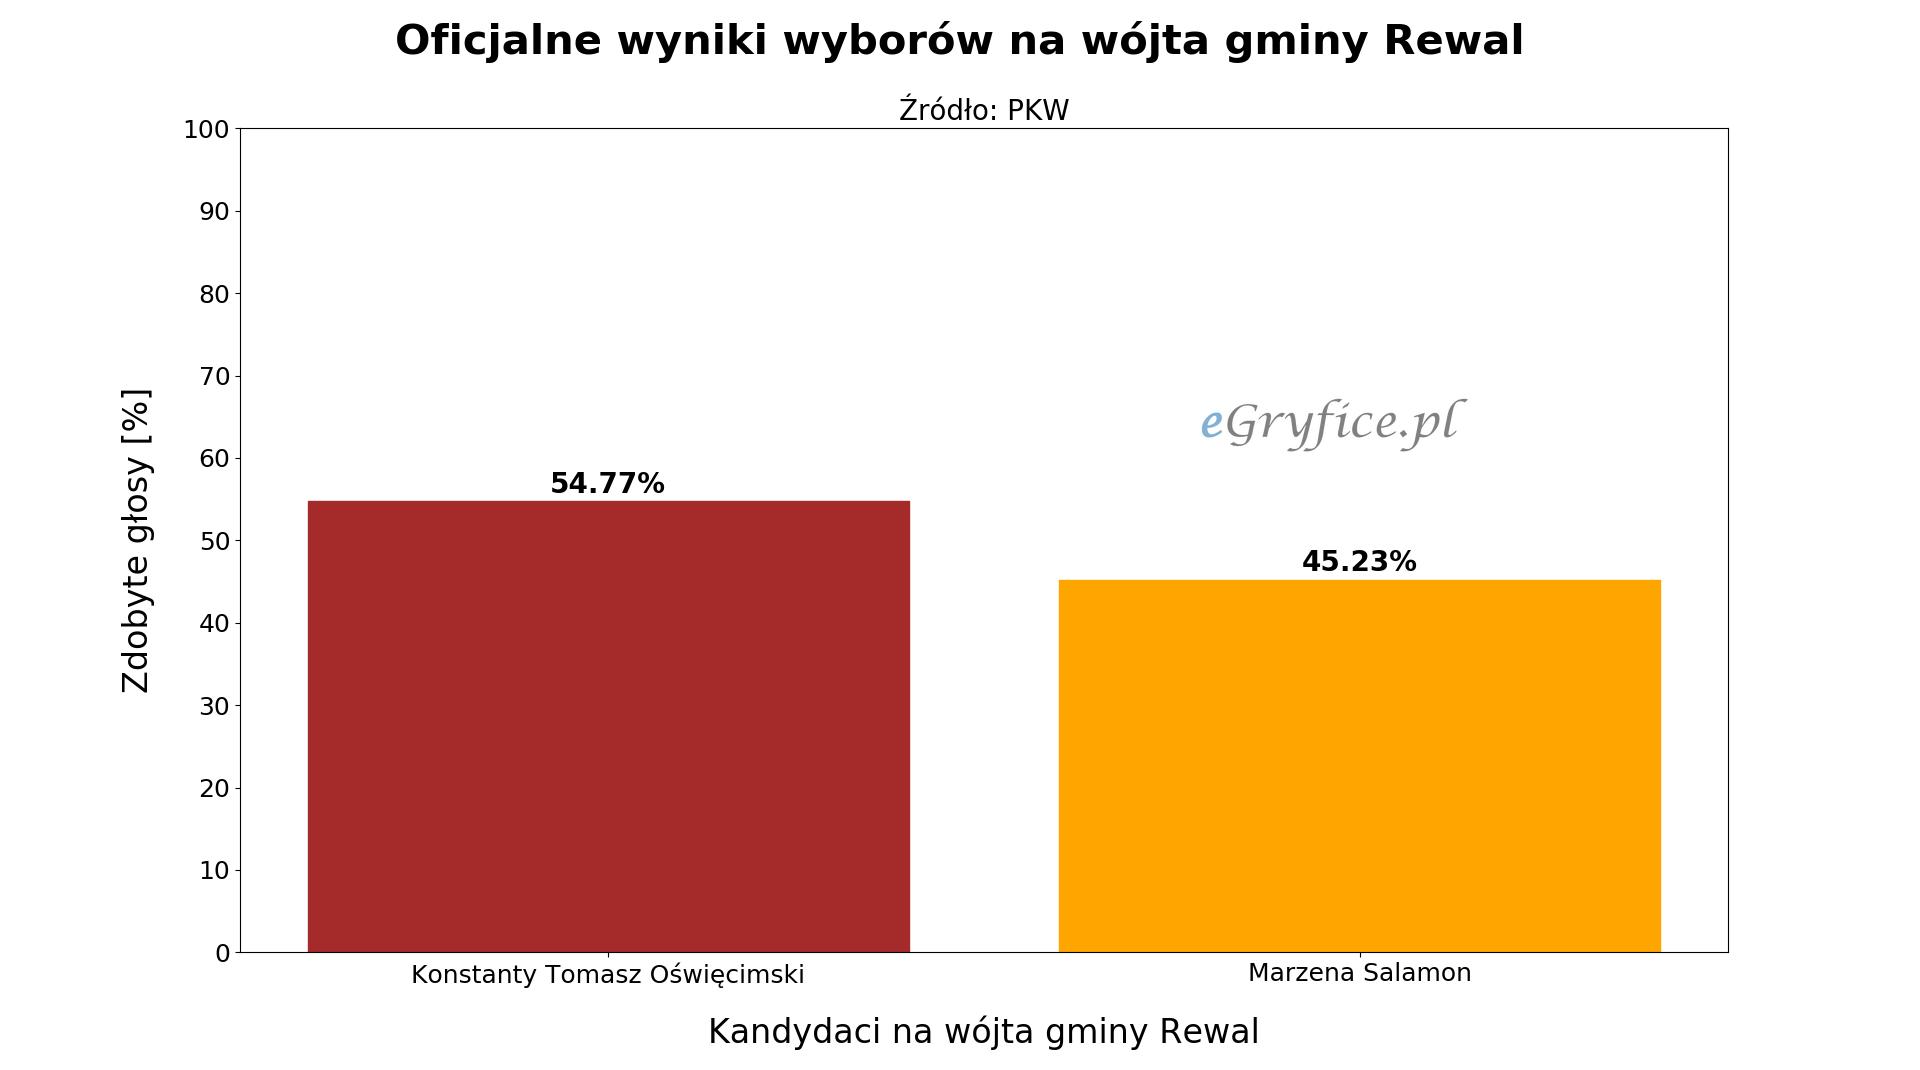 Oficjalne wyniki drugiej tury wyborów na wójta gminy Rewal. Wykres przedstawia procentowy podział głosów na Konstantego Tomasza Oświęcimskiego i Marzenę Salamon